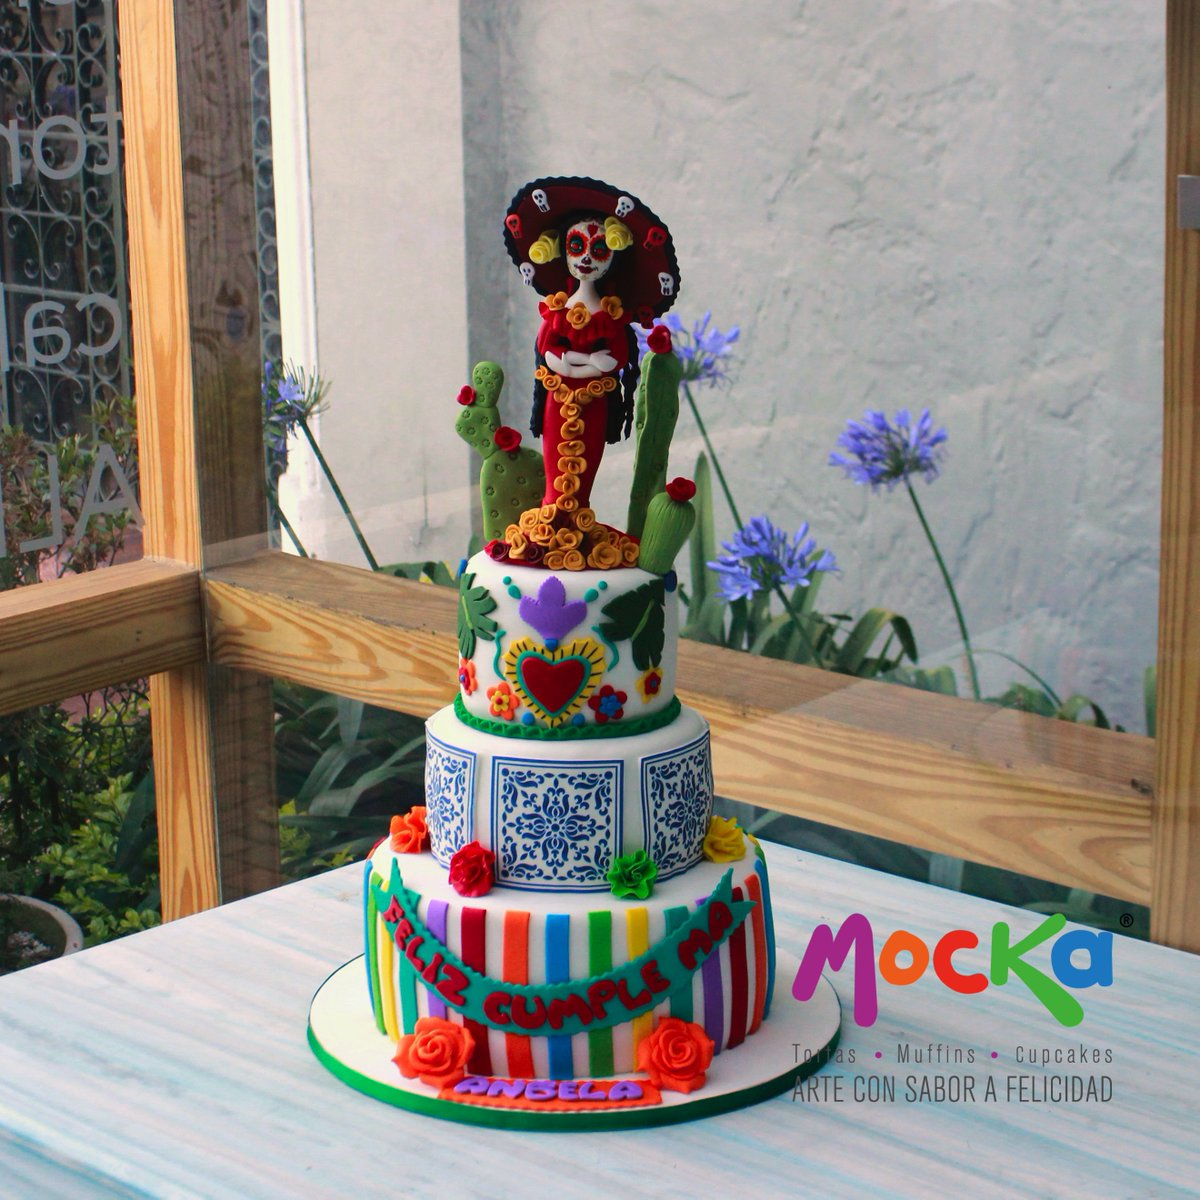 Una bella torta con temática Mexicana. No importa cuál sea la ocasión, en @MockaPasteleria interpretamos la idea que tengas en mente y la hacemos una realidad.   WhatsApp: 3006080239  #mockapasteleria #tortamexicana #ponquemexicano #pastelmexicano #tortacatrina #catrinapic.twitter.com/cNDTCqJyt7